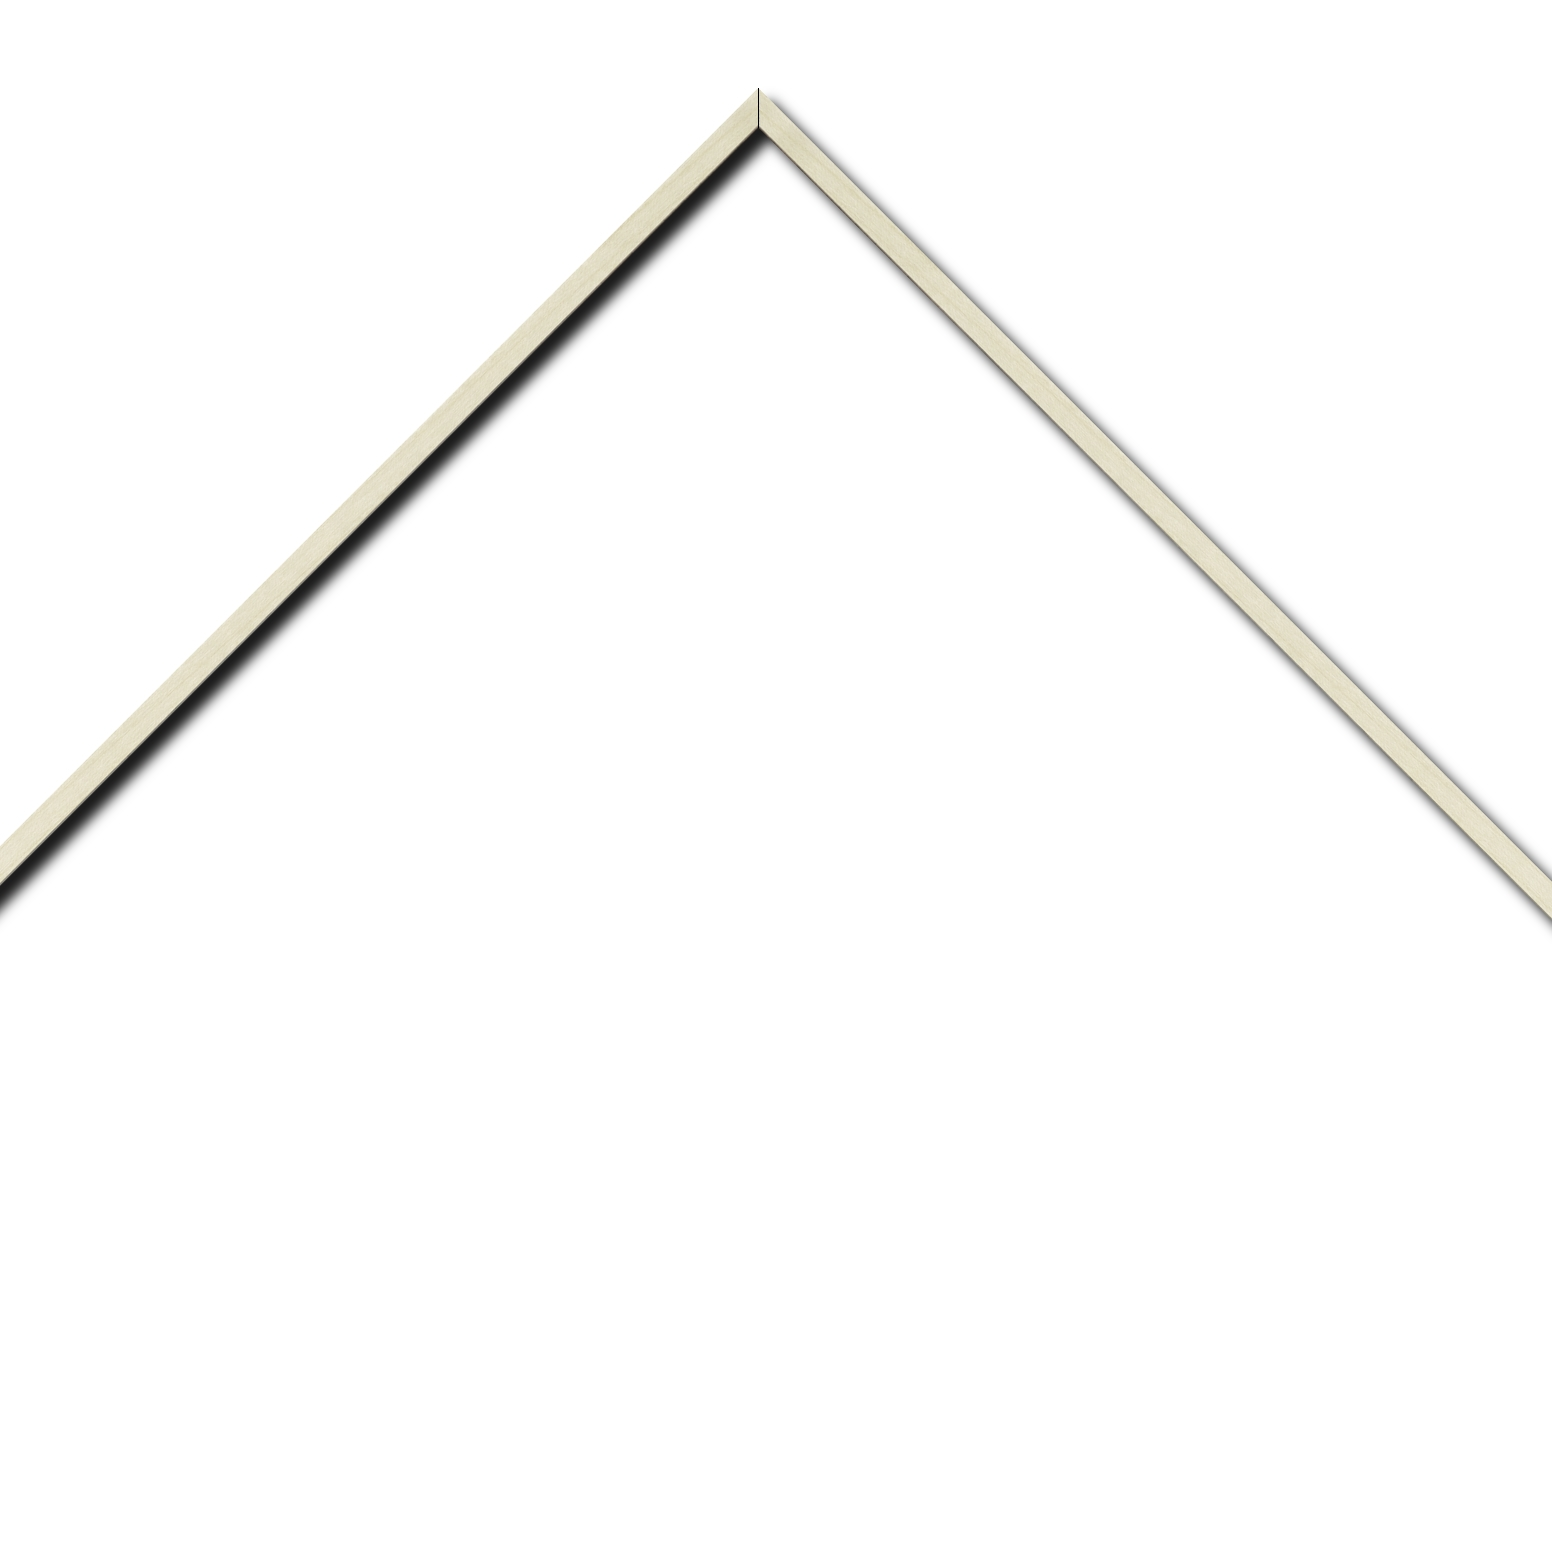 Baguette aluminium profil plat largeur 8mm, placage véritable bouleau ,(le sujet qui sera glissé dans le cadre sera en retrait de 6mm de la face du cadre assurant un effet très contemporain) mise en place du sujet rapide et simple: il faut enlever les ressorts qui permet de pousser le sujet vers l'avant du cadre et ensuite à l'aide d'un tournevis plat dévisser un coté du cadre tenu par une équerre à vis à chaque angle afin de pouvoir glisser le sujet dans celui-ci et ensuite revisser le coté (encadrement livré monté prêt à l'emploi )